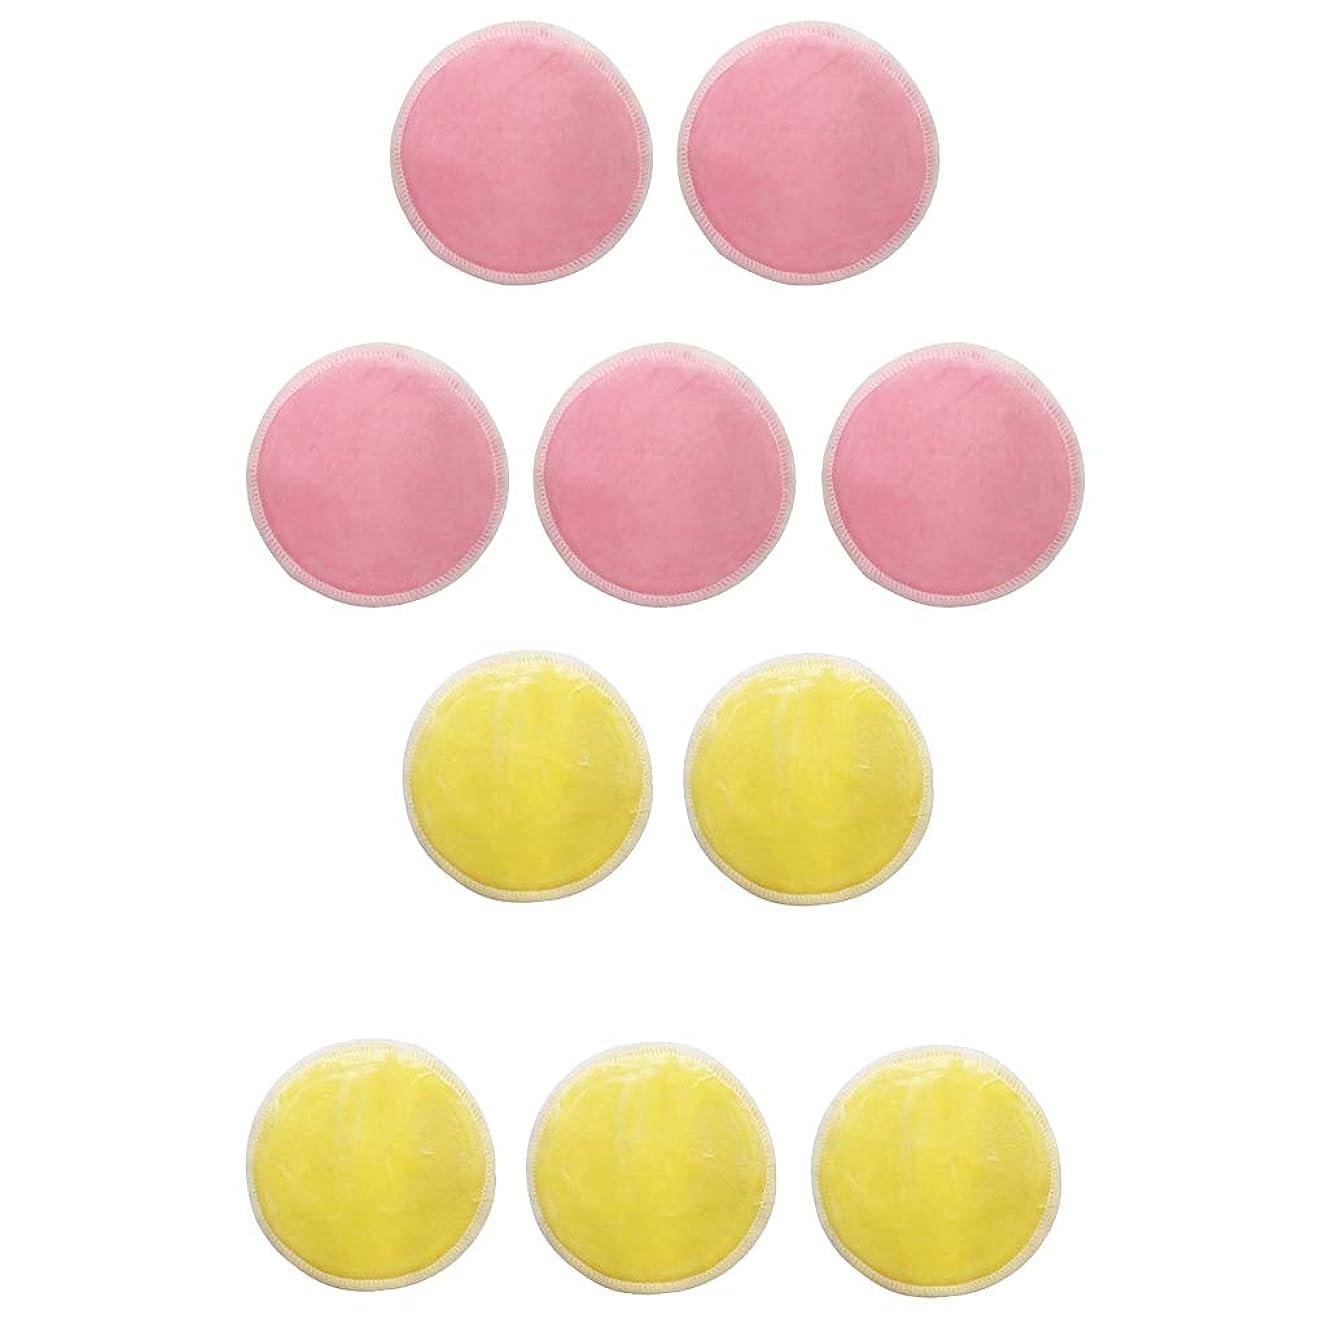 クレジット心理学テニスBaoblaze 化粧落としパッド 竹繊維 ラウンド クレンジング 再利用可能 8センチ 軽量 持ち運びに便利 10個入